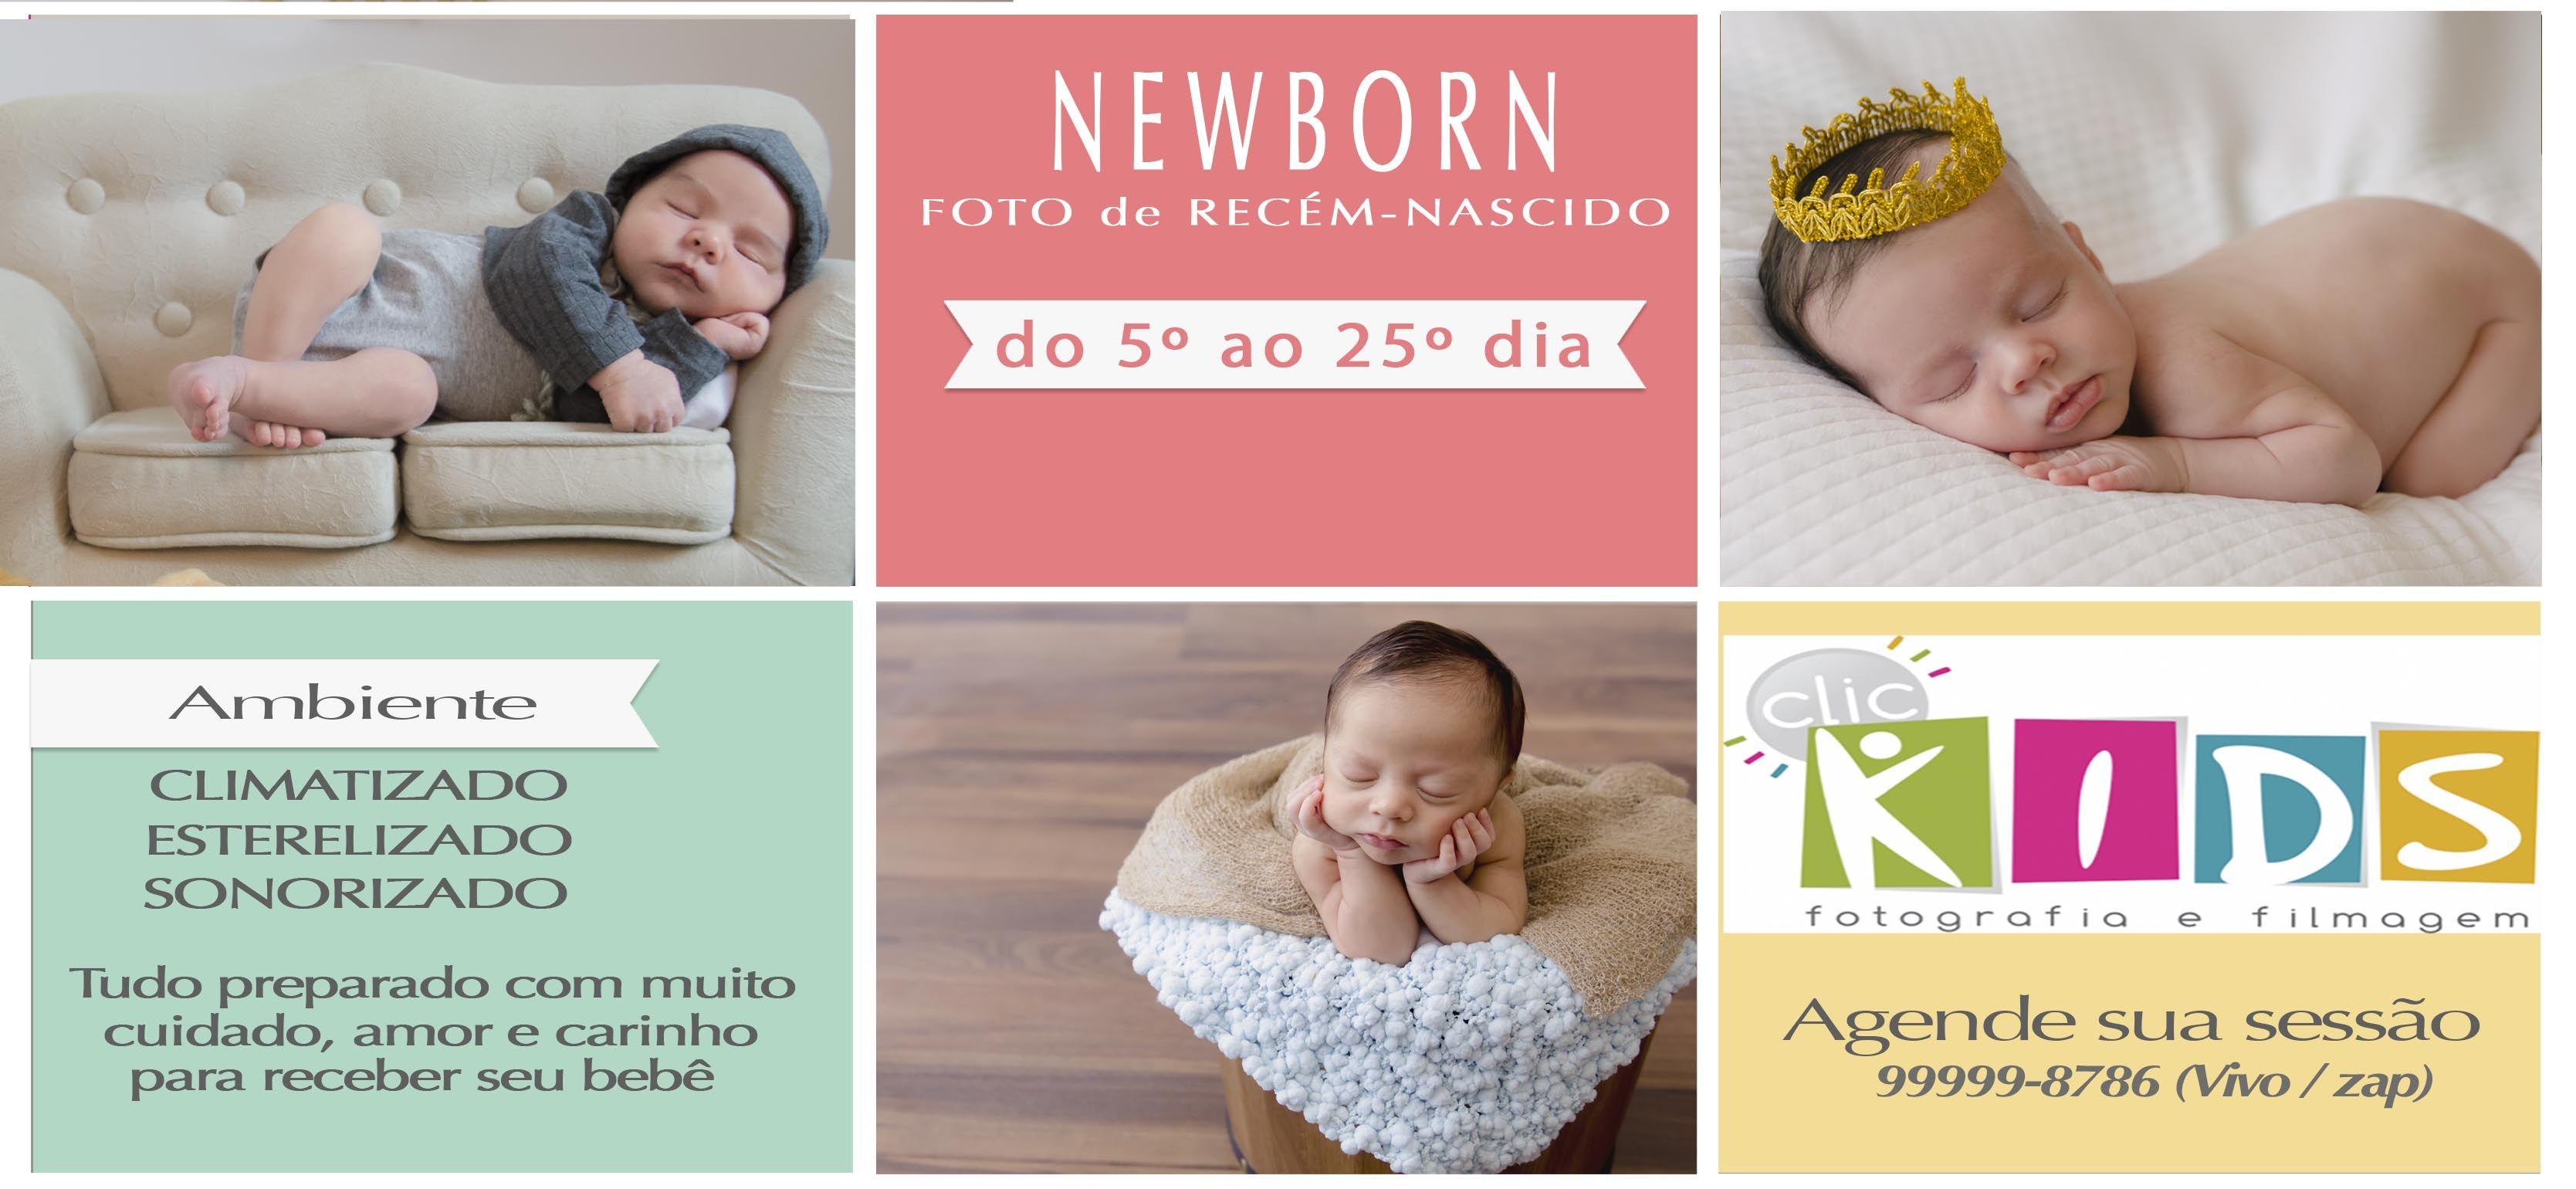 Olá Mamães, seu bebê está a caminho?  Se você está pensando em eternizar este momento tão especial, entre em contato conosco e conheça nossos planos.    Contato: (21) 99999-8786 / (21) 99455-3616  www.facebook.com/clickidsbrasil    #Newborn #NewbornTerê #NewbornMenido #NewbornMenina #ItisBoy #ItisGirl #BabyBoy #BabyGirl #BookBebe #VireiMae #MaedeMenino  #MaedeMenina #NewbornRJ #NewbornSeguro #FotografaNewborn #FotografoNewborn #FotografiaNewborn #VouSerMae #Gestante #EnsaioGestante #ClicKids…